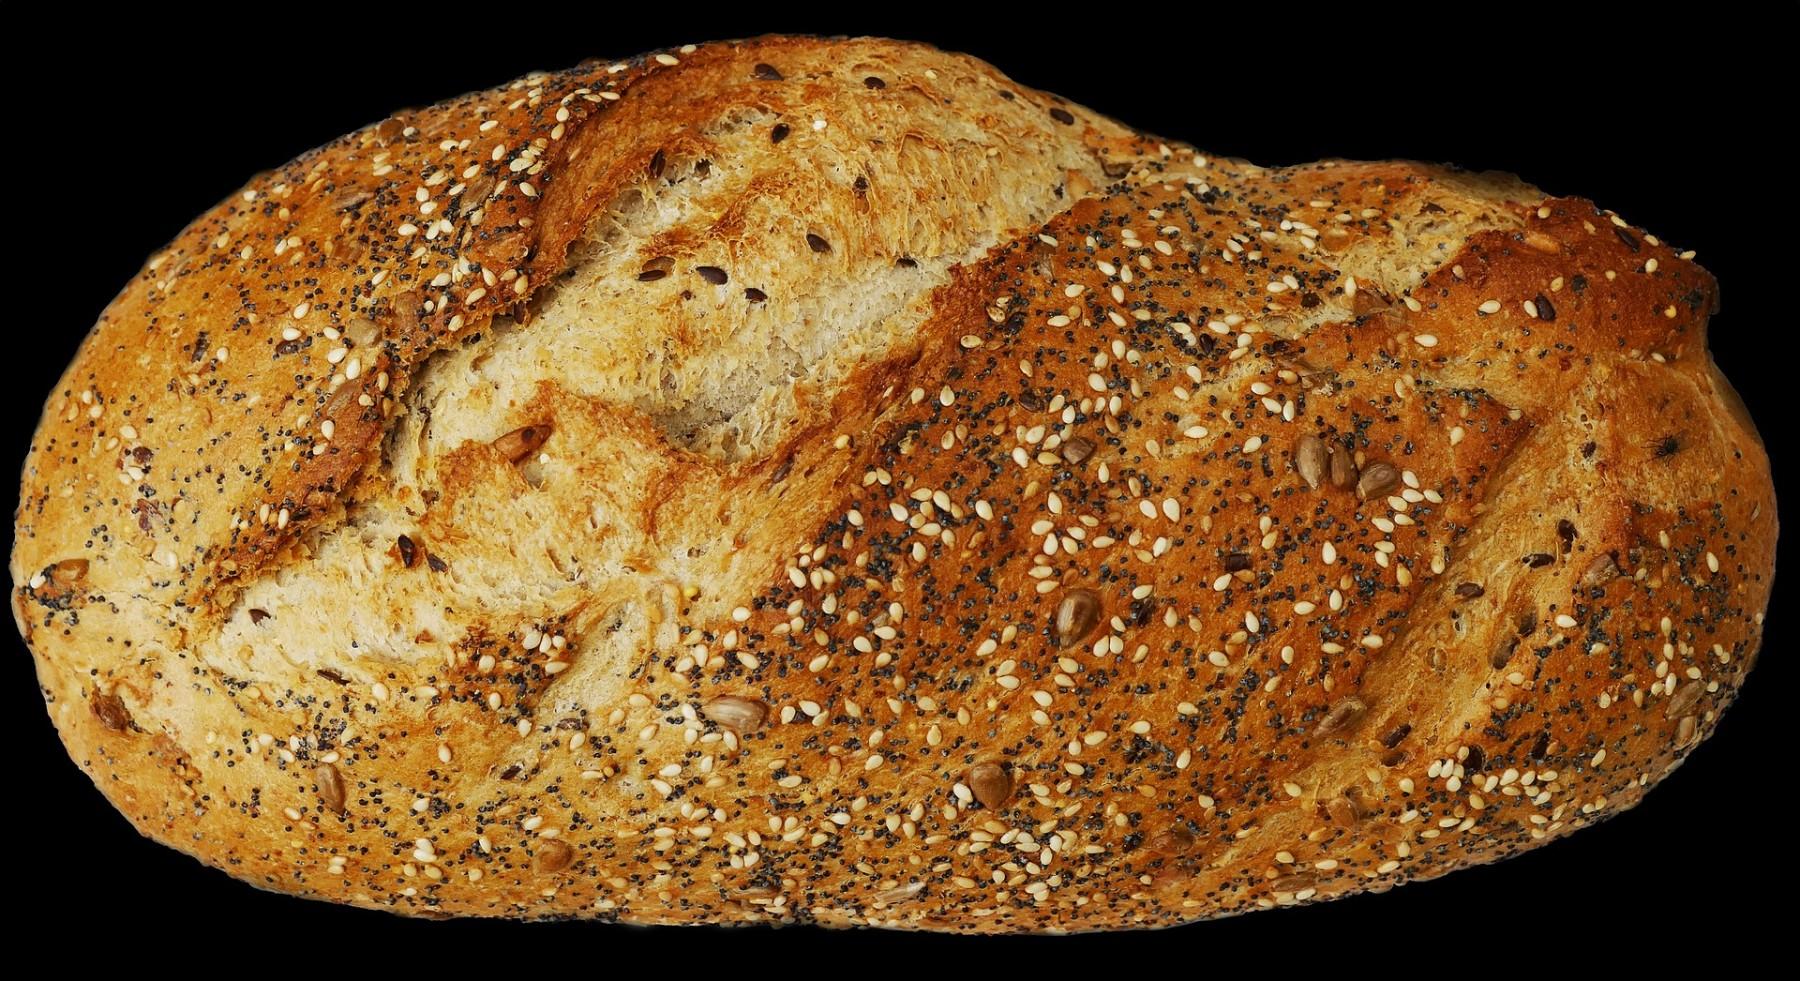 bread-2546800_1920